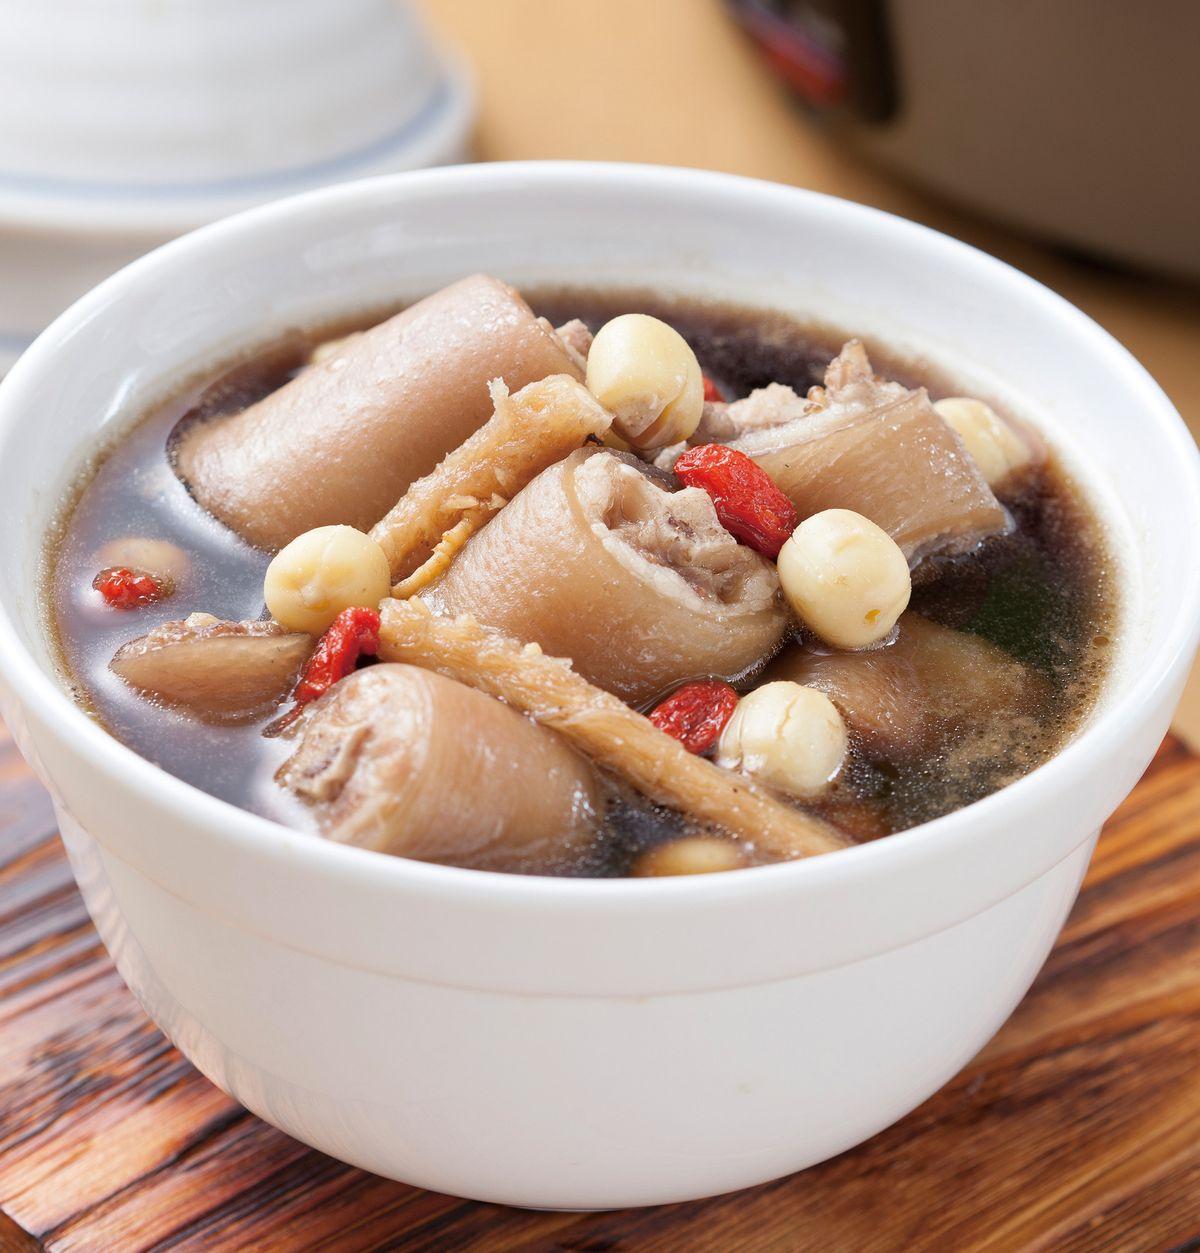 食譜:蓮子沙參豬尾湯